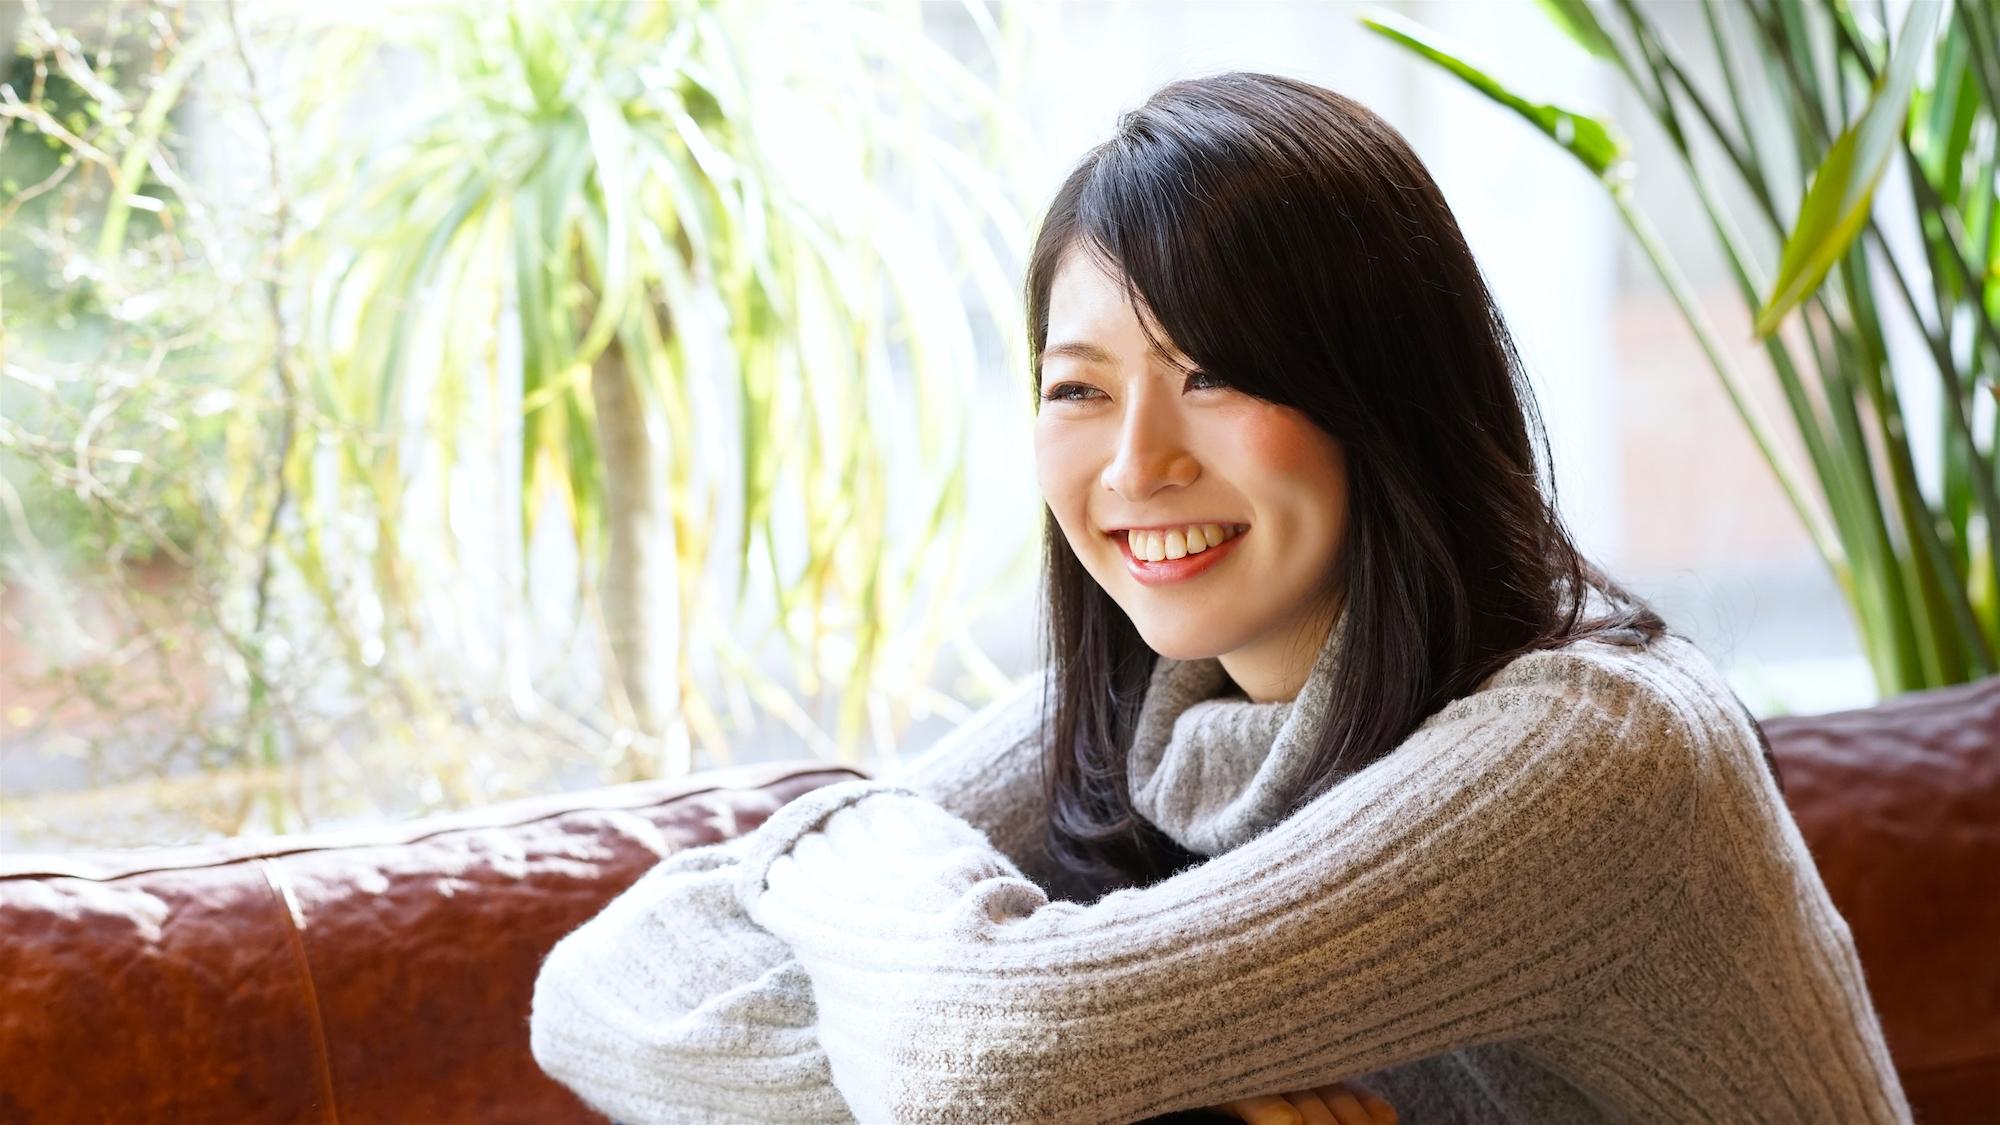 モデル撮影nakanisi 1